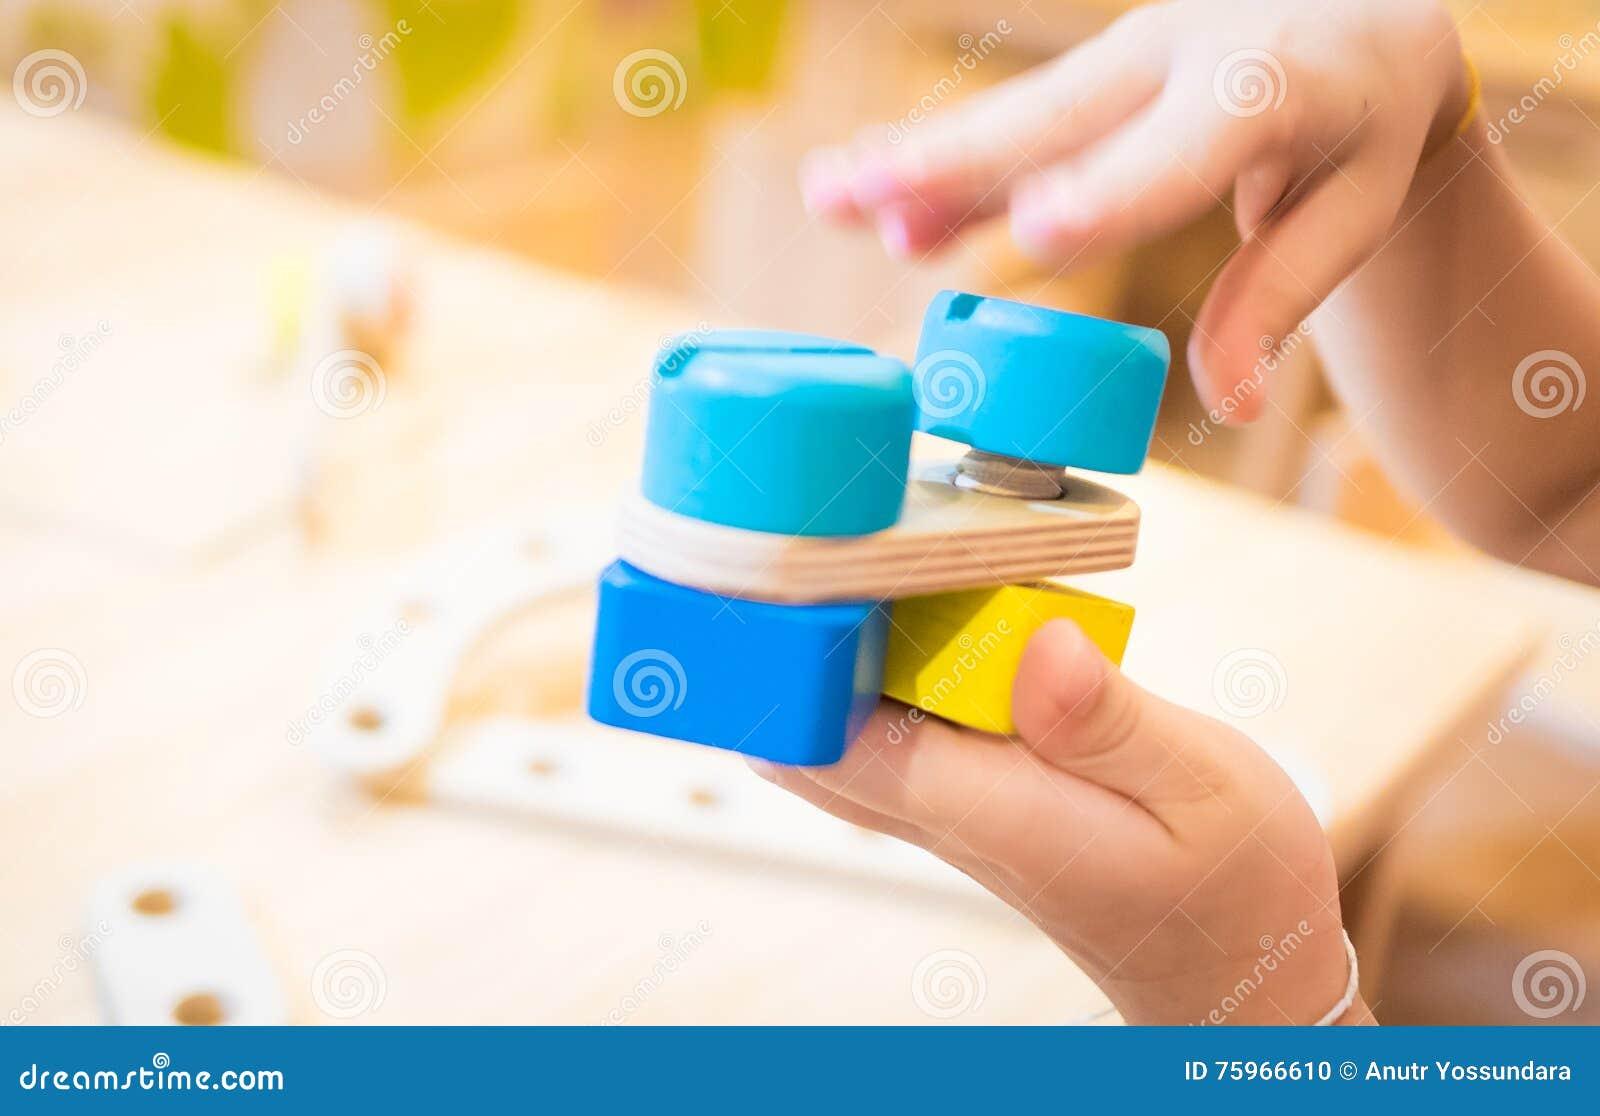 Kind übergibt das Errichten eines Bildungswarenkorbes hölzerner Bauklotz